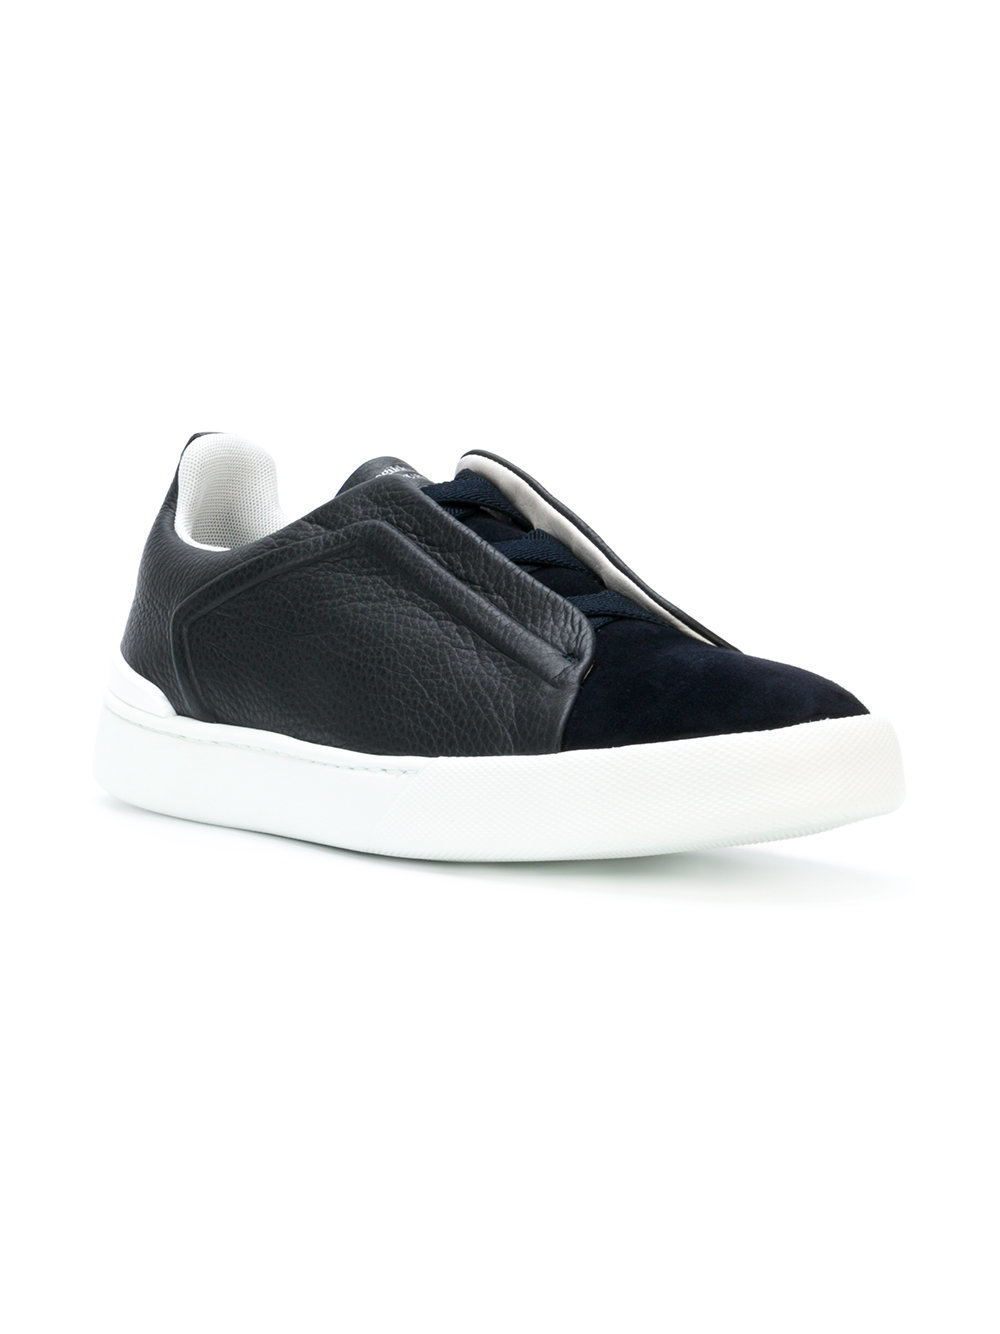 Ermenegildo diseño Zegna zapatillas slipon con diseño Ermenegildo tejido Negro farfetch 7cf348